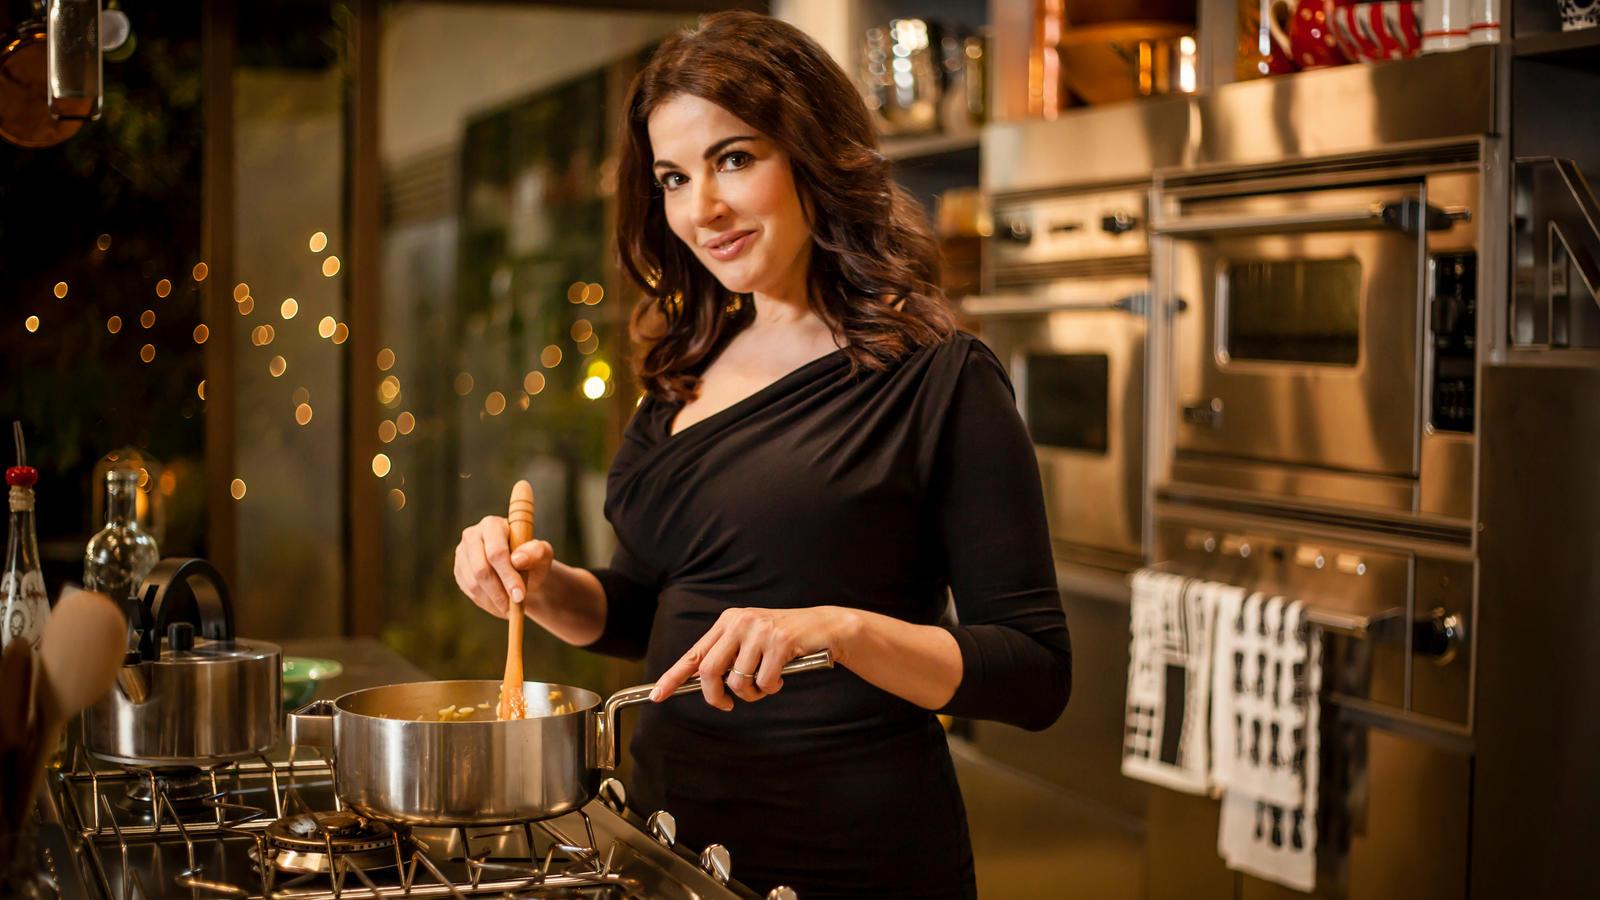 девушка готовит ужин